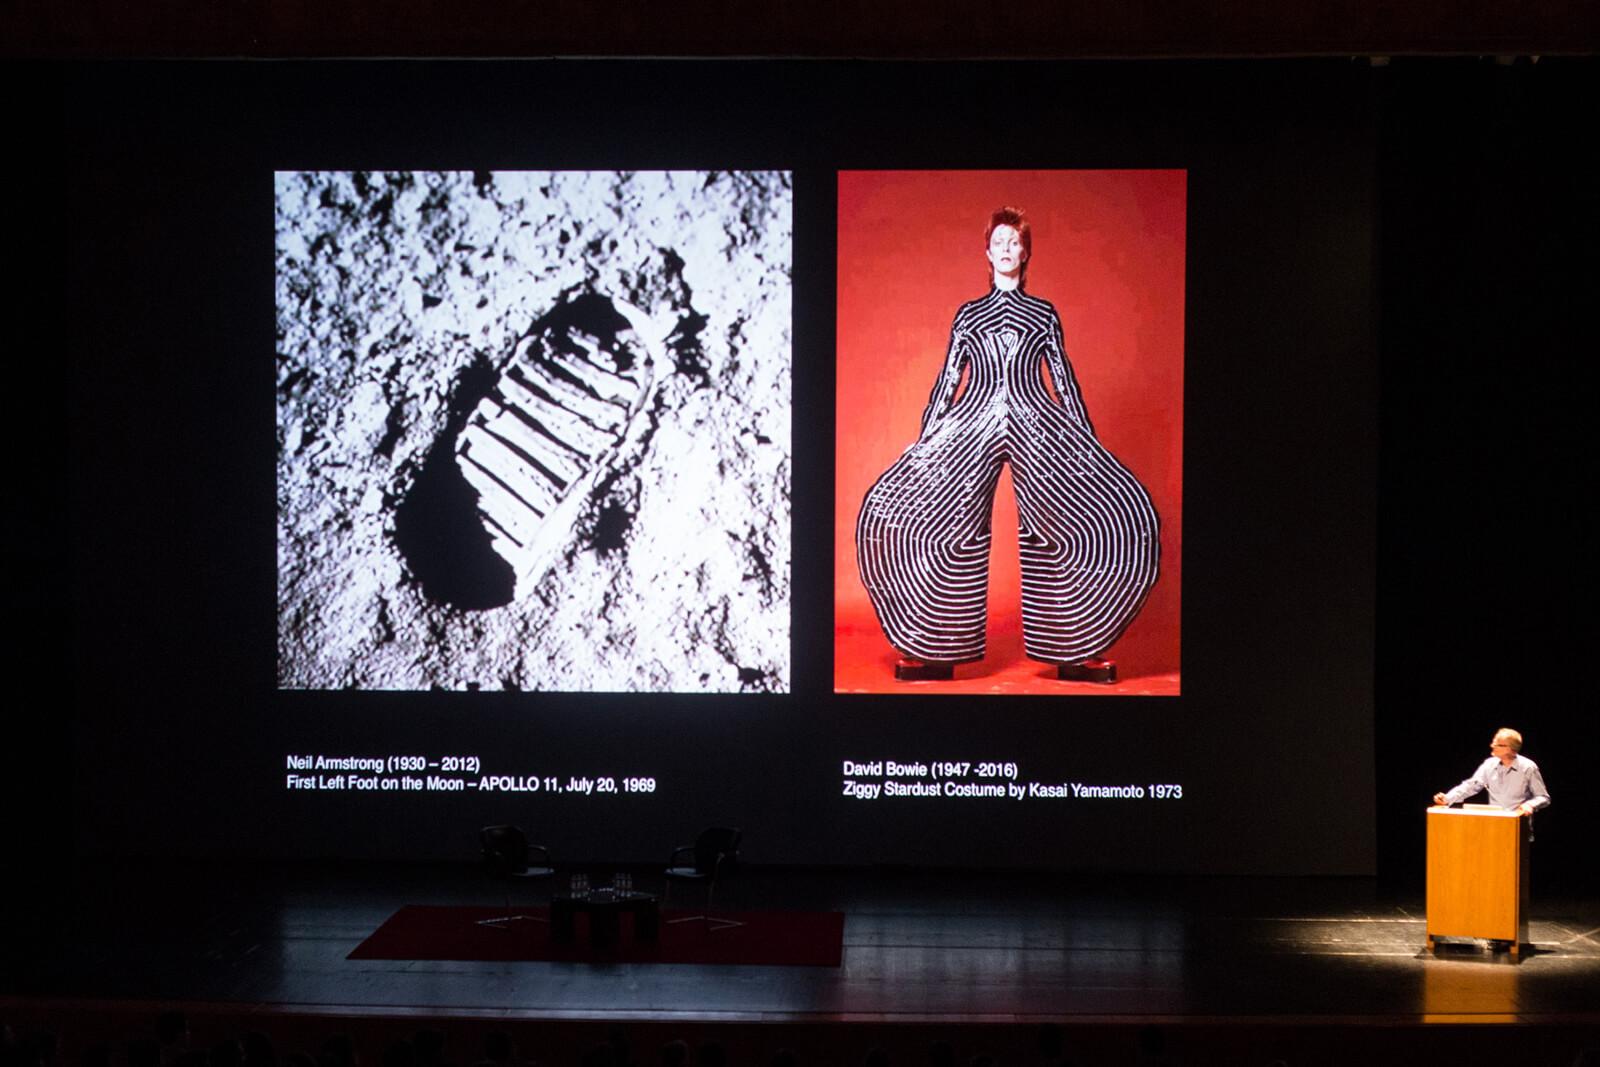 Michael Morris mostra duas imagens. Uma pegada na lua, O cantor David Bowie com um macacão